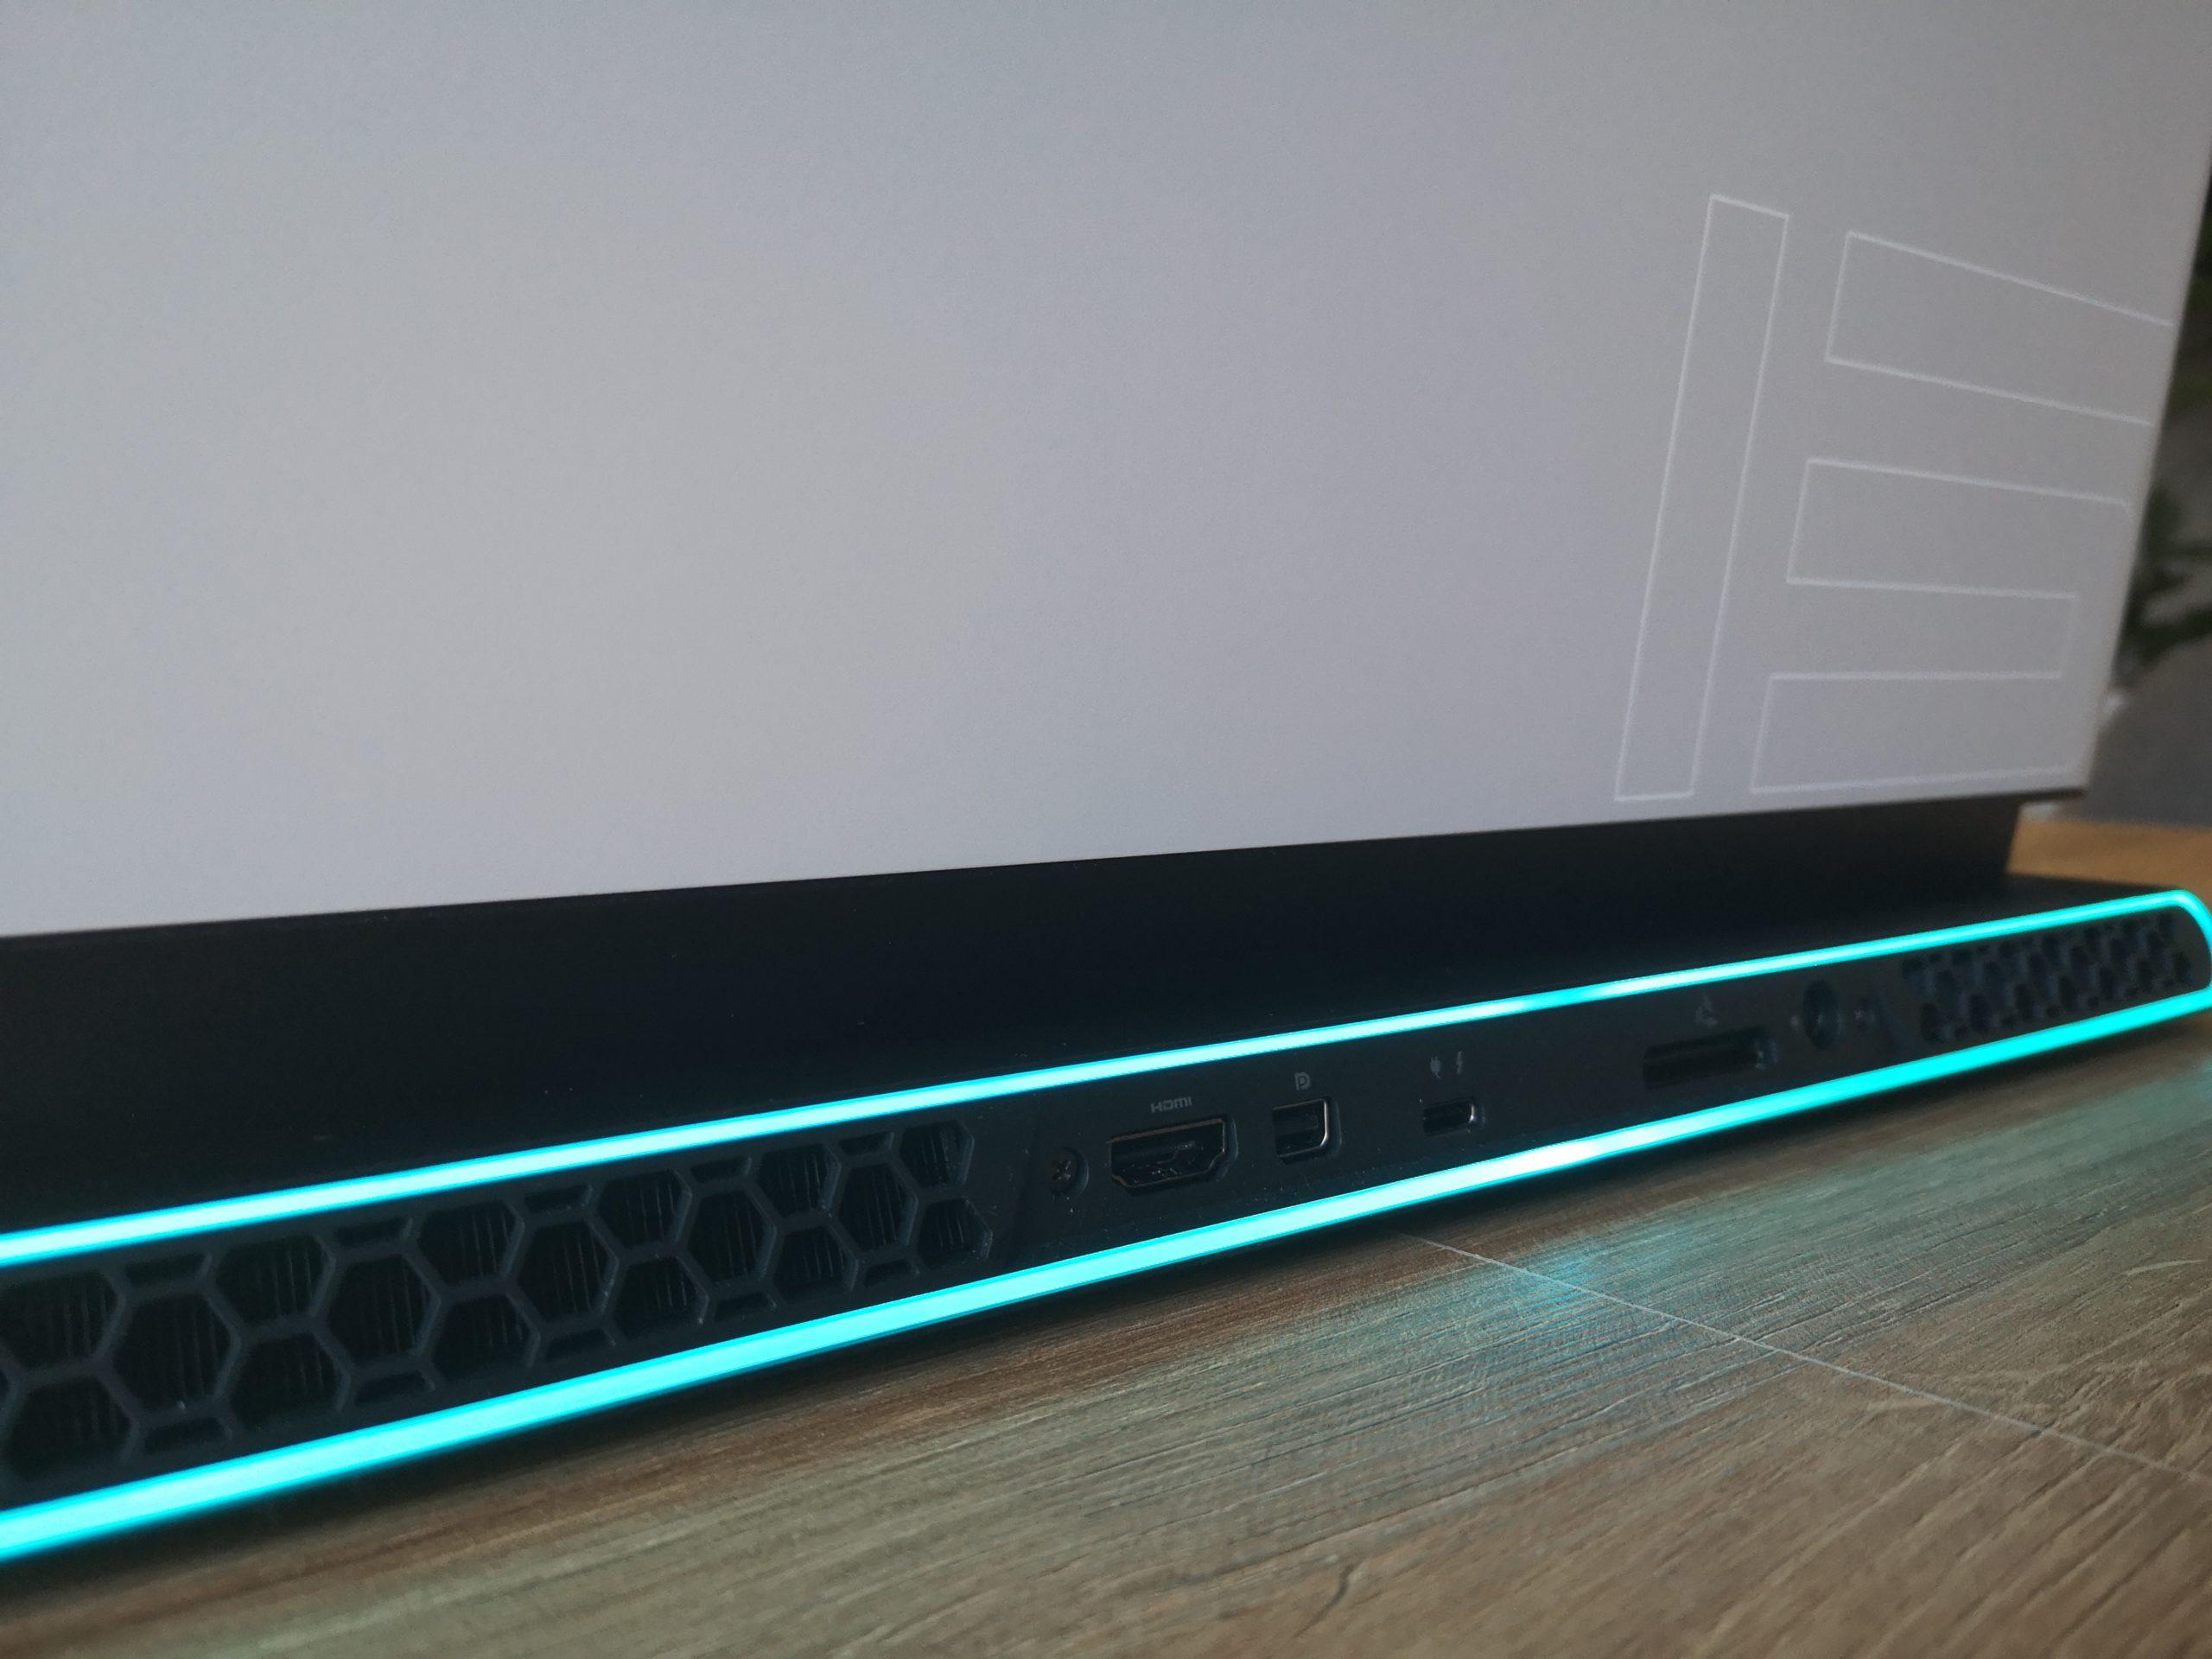 Dell Alienware m15 R3 złącza w tył